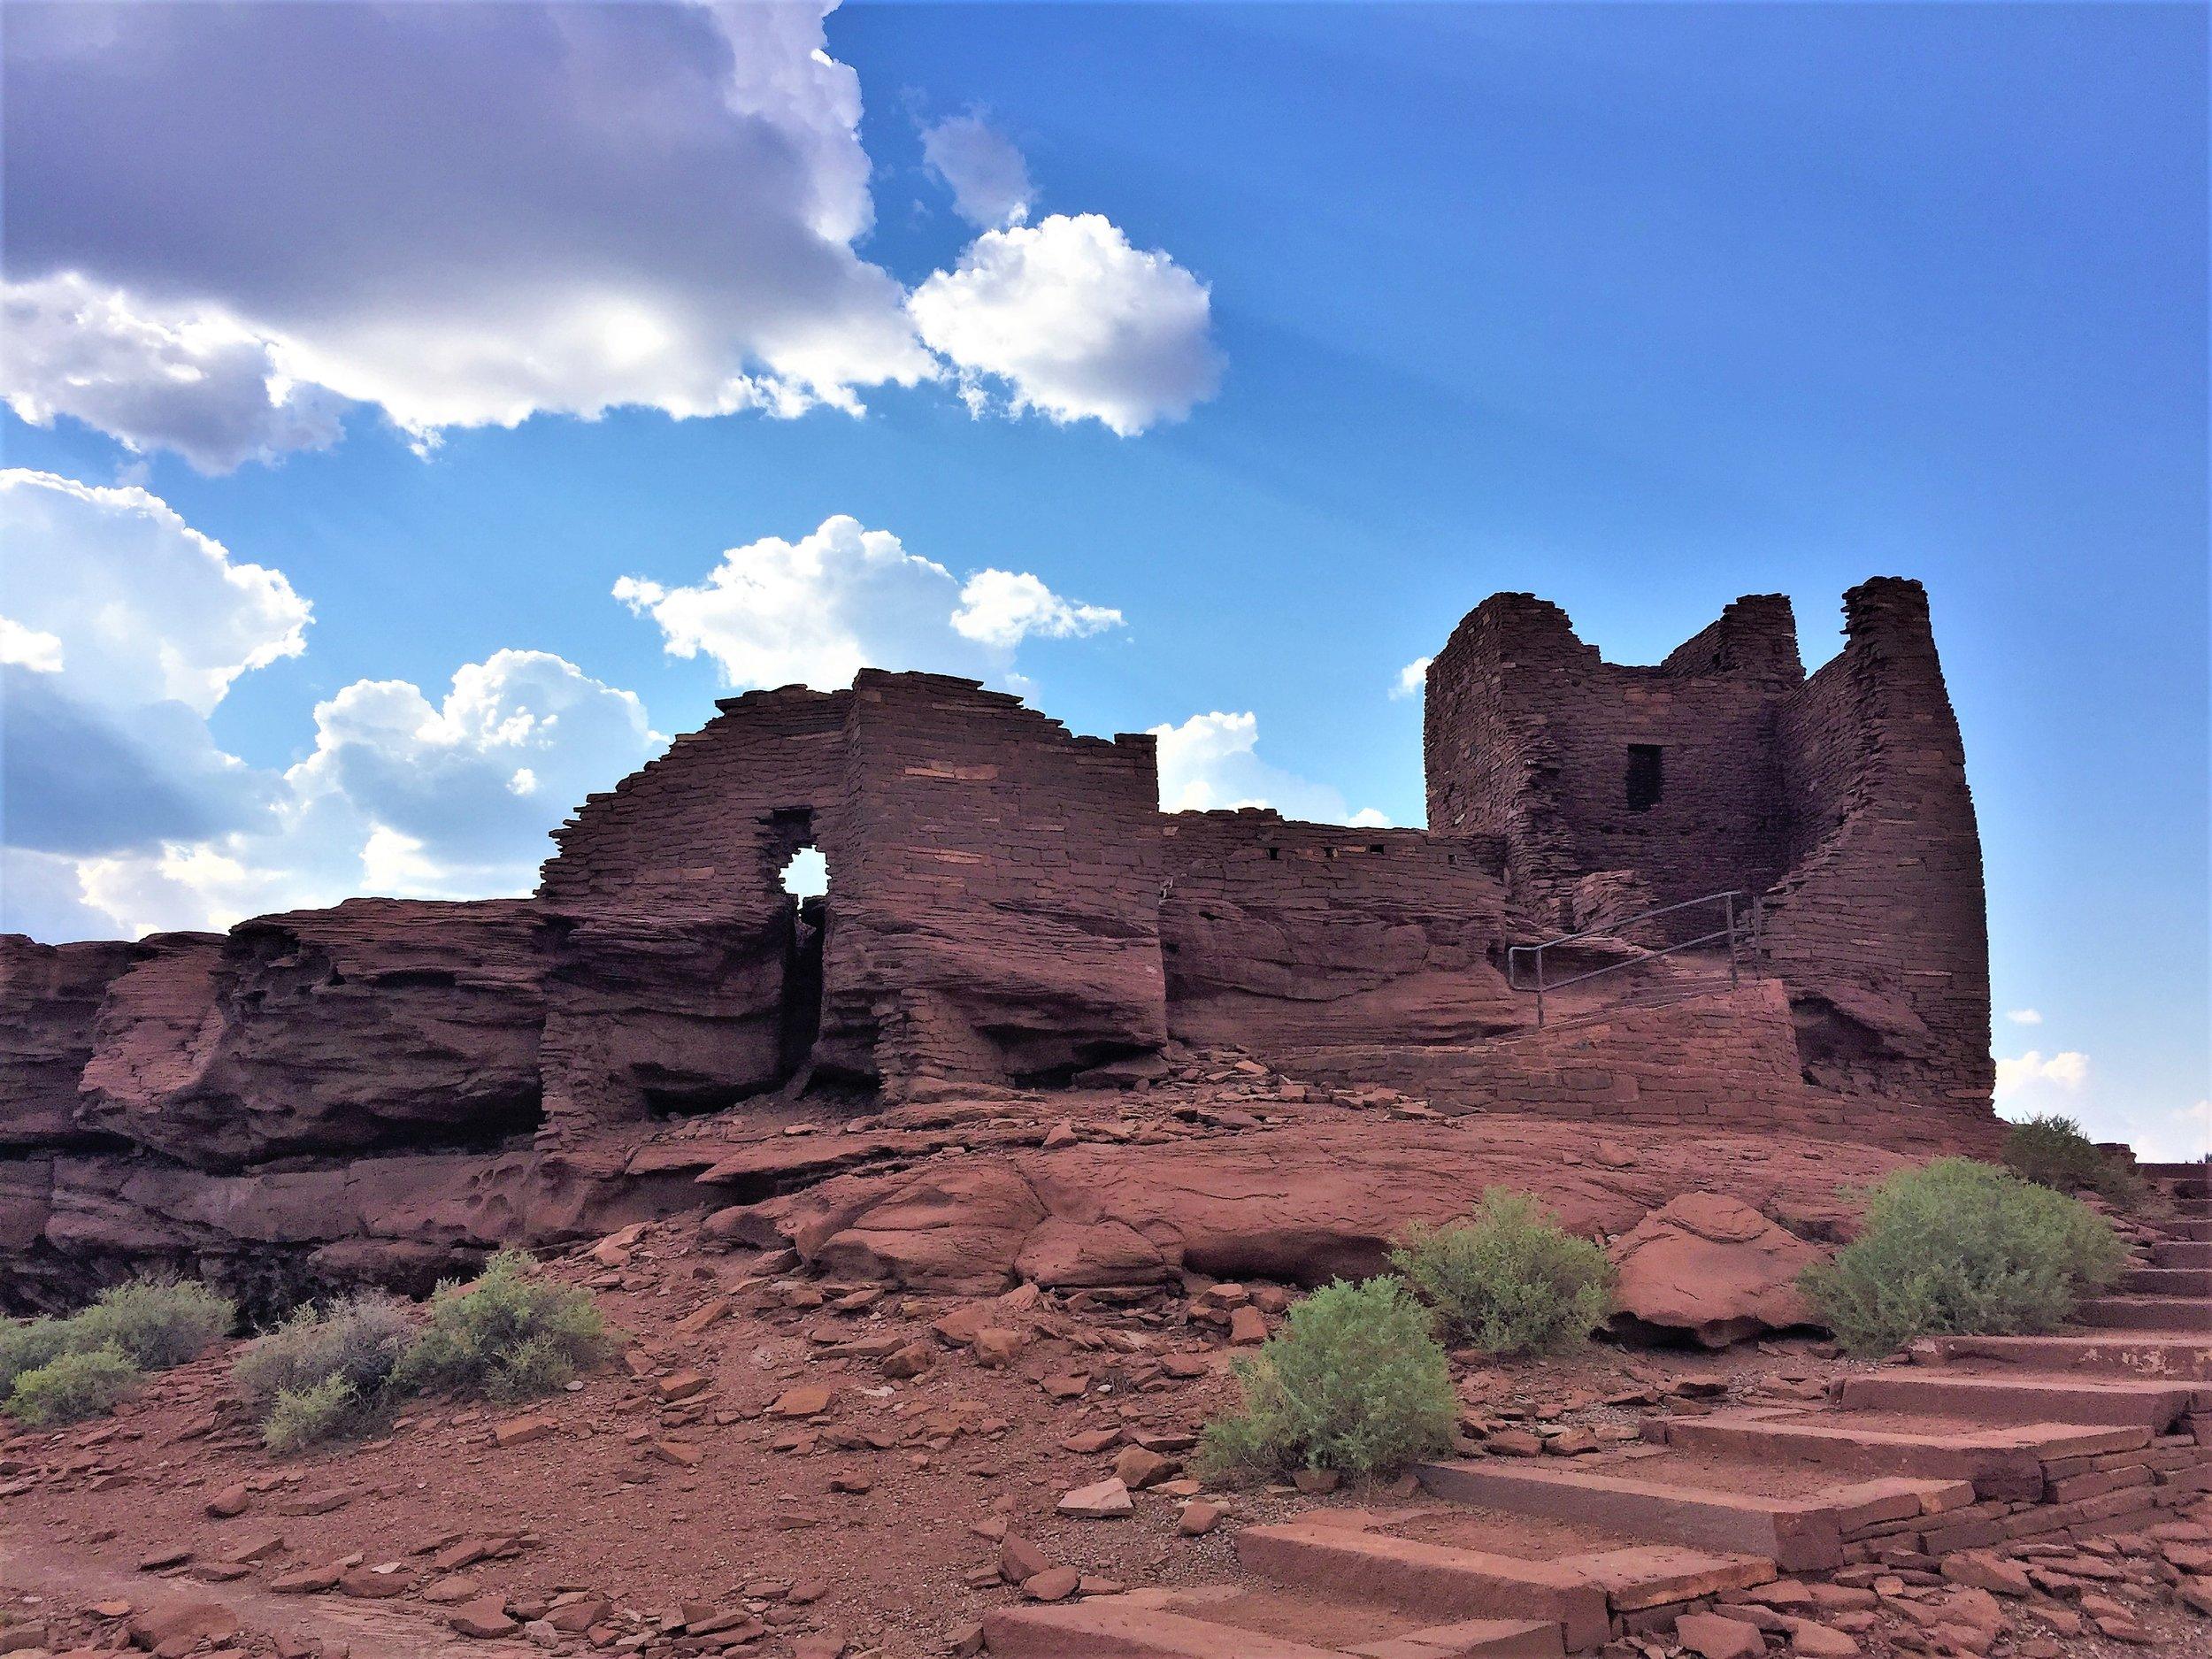 Wukoki Pueblo